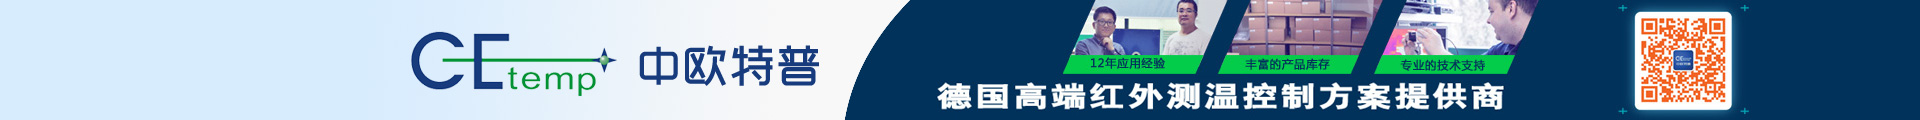 深圳市中欧特普科技有限公司